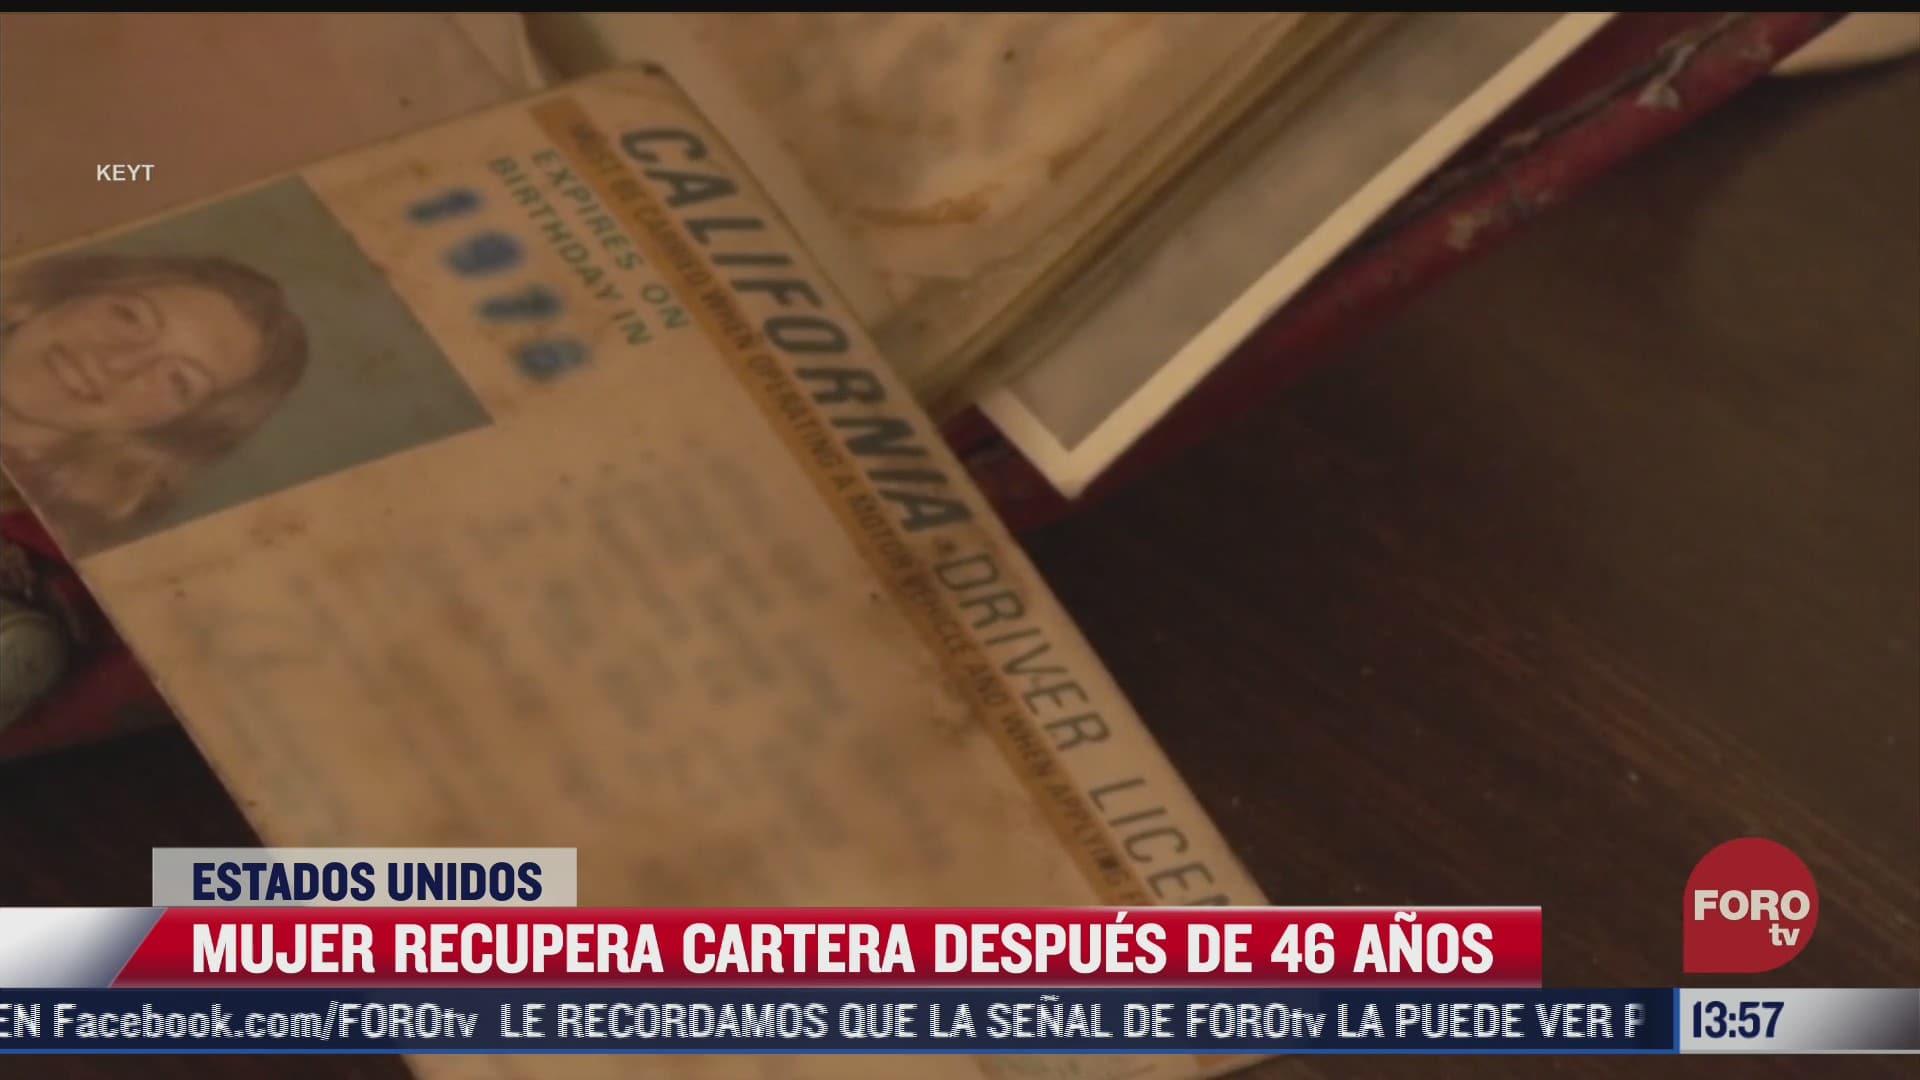 mujer recupera su cartera despues de 46 anos en california eeuu